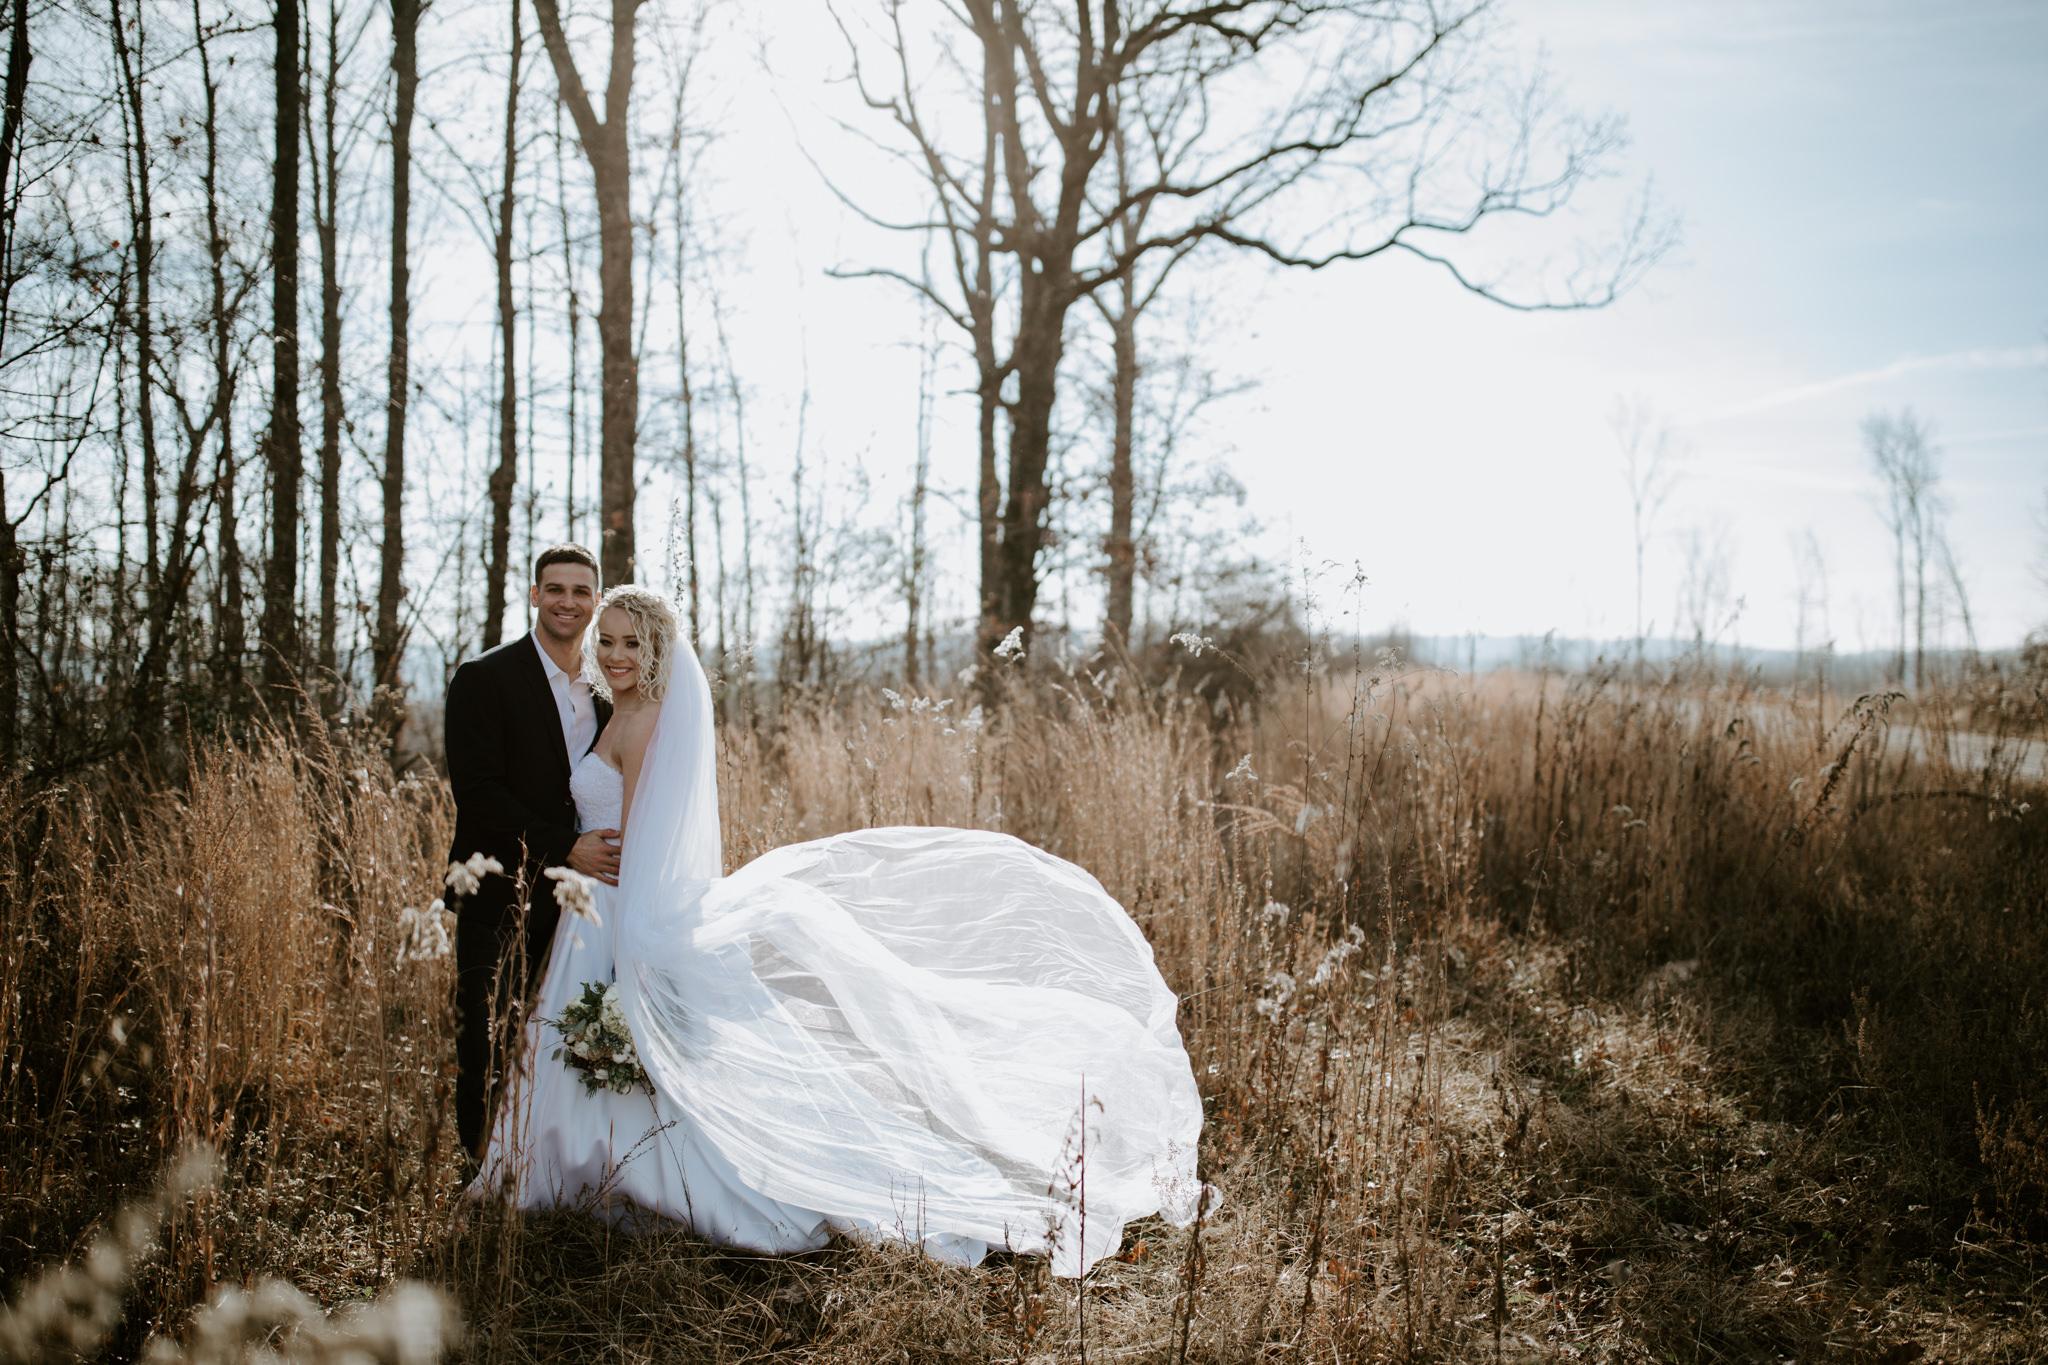 Lauren-and-Trent-Chattanooga-Nashville-Wedding-Elopement-Photographer-41.jpg